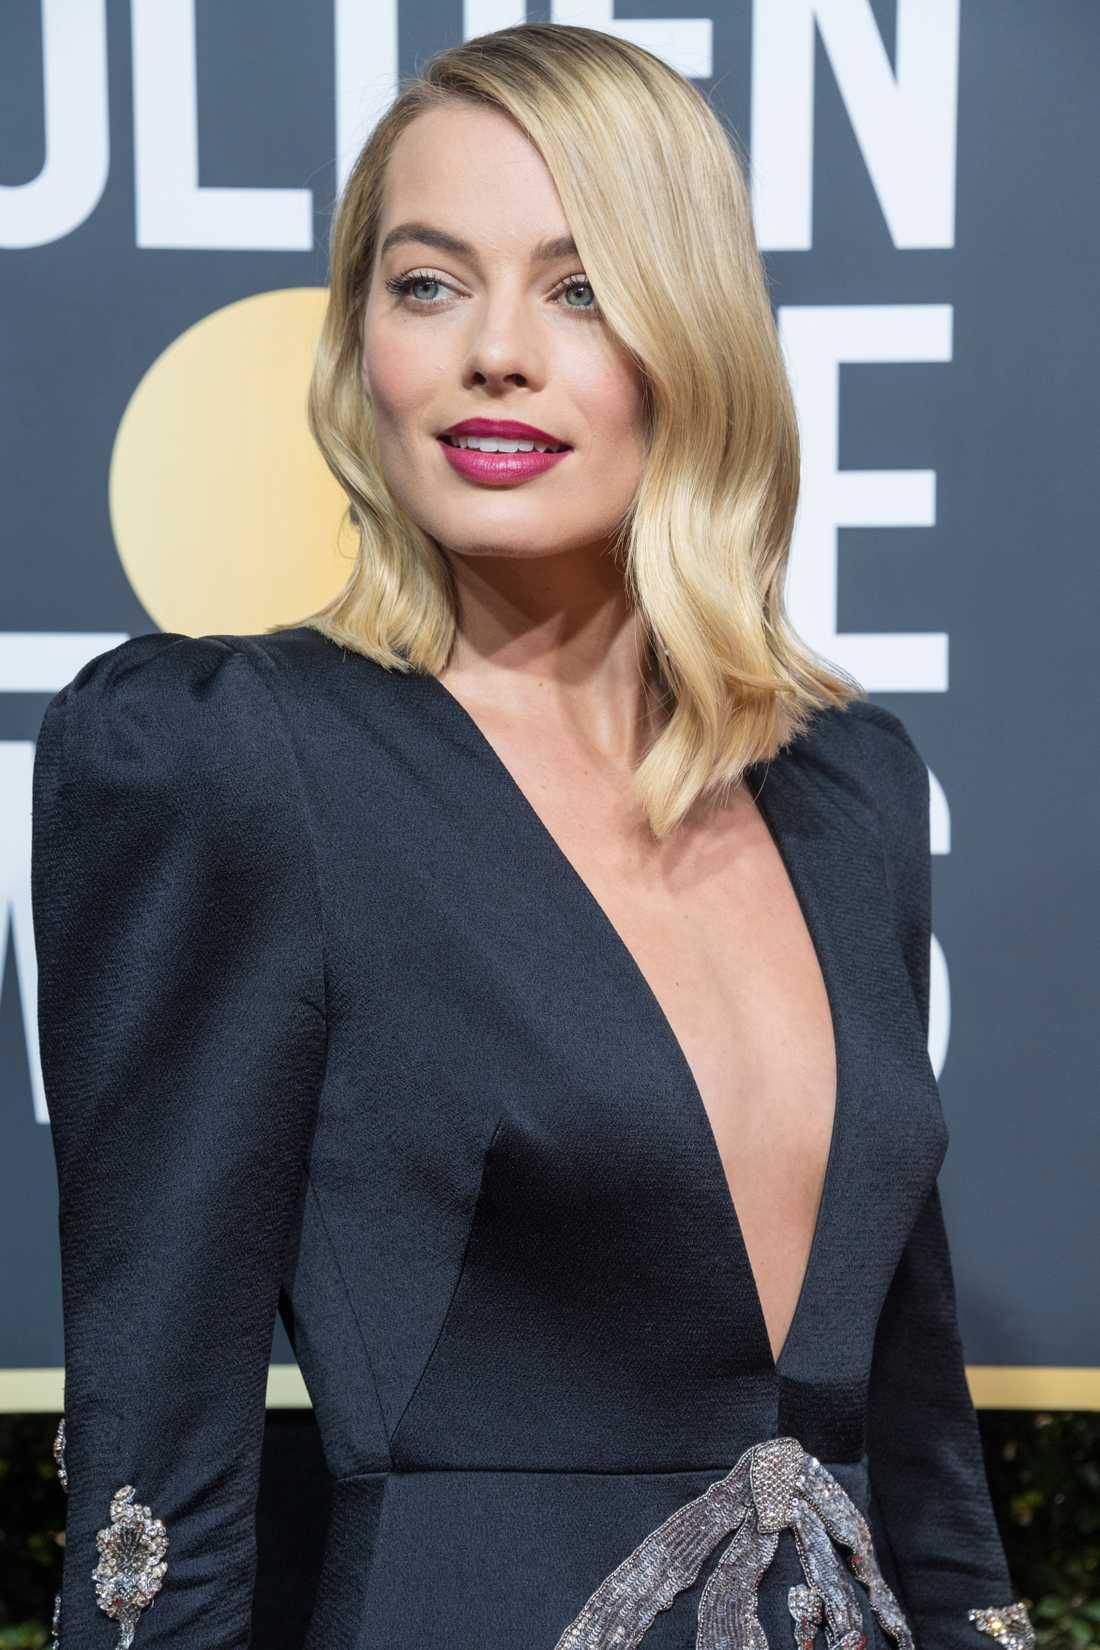 """När Tonya Harding hörde att Margot Robbie skulle porträttera henne i """"I, Tonya"""", utbrast hon, """"Tack, gode Gud""""."""